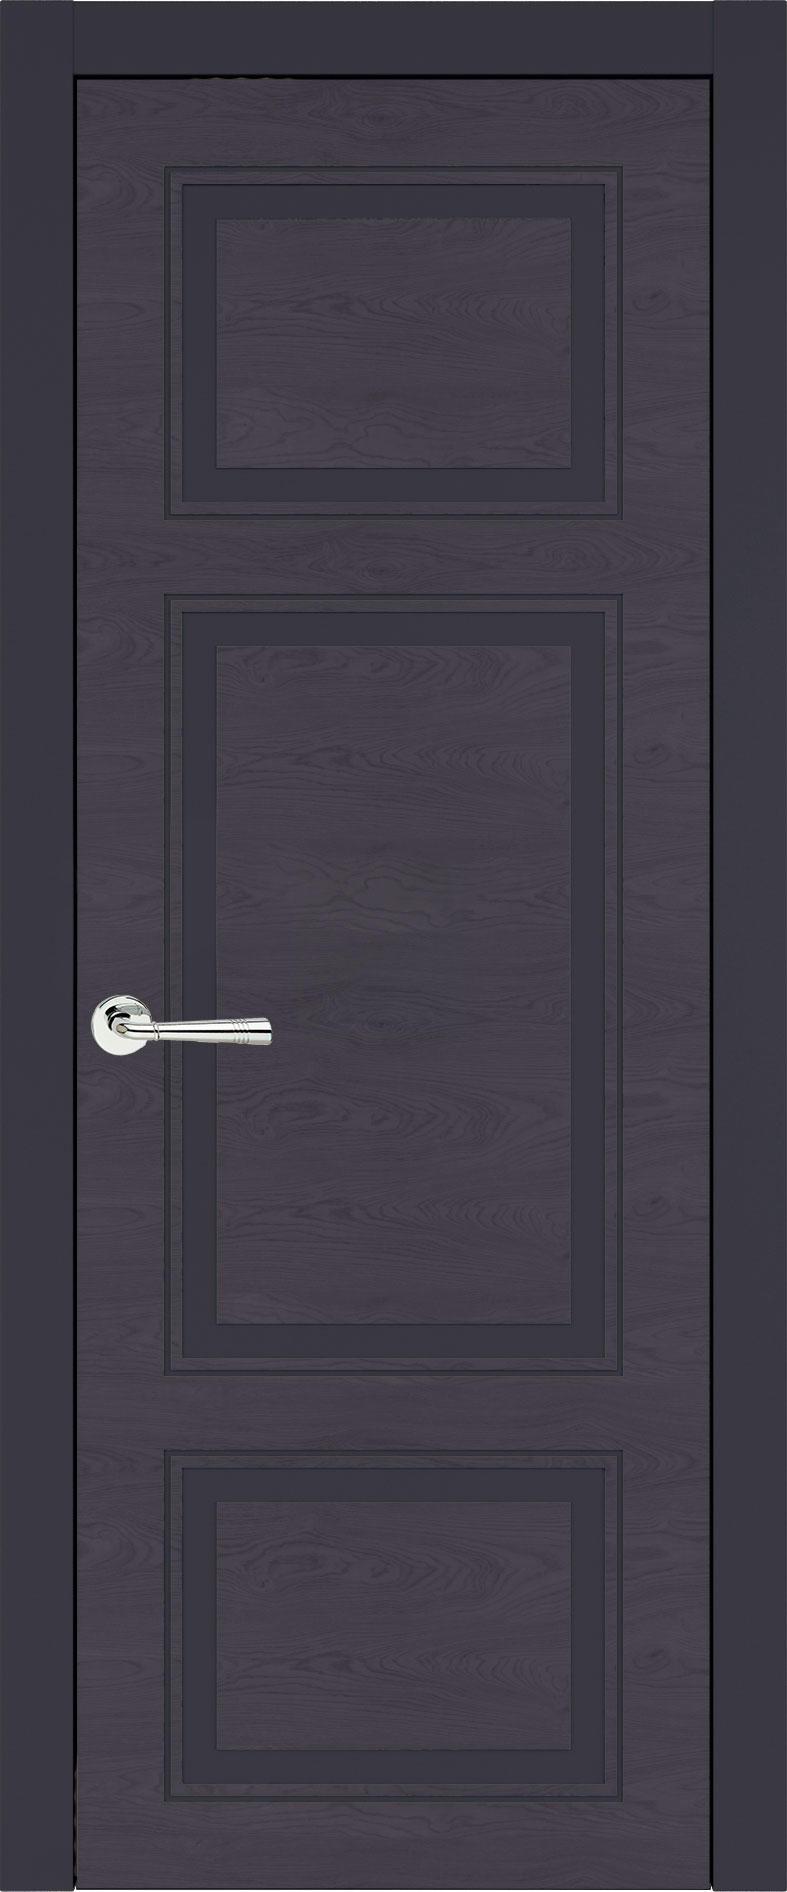 Siena Neo Classic цвет - Графитово-серая эмаль по шпону (RAL 7024) Без стекла (ДГ)